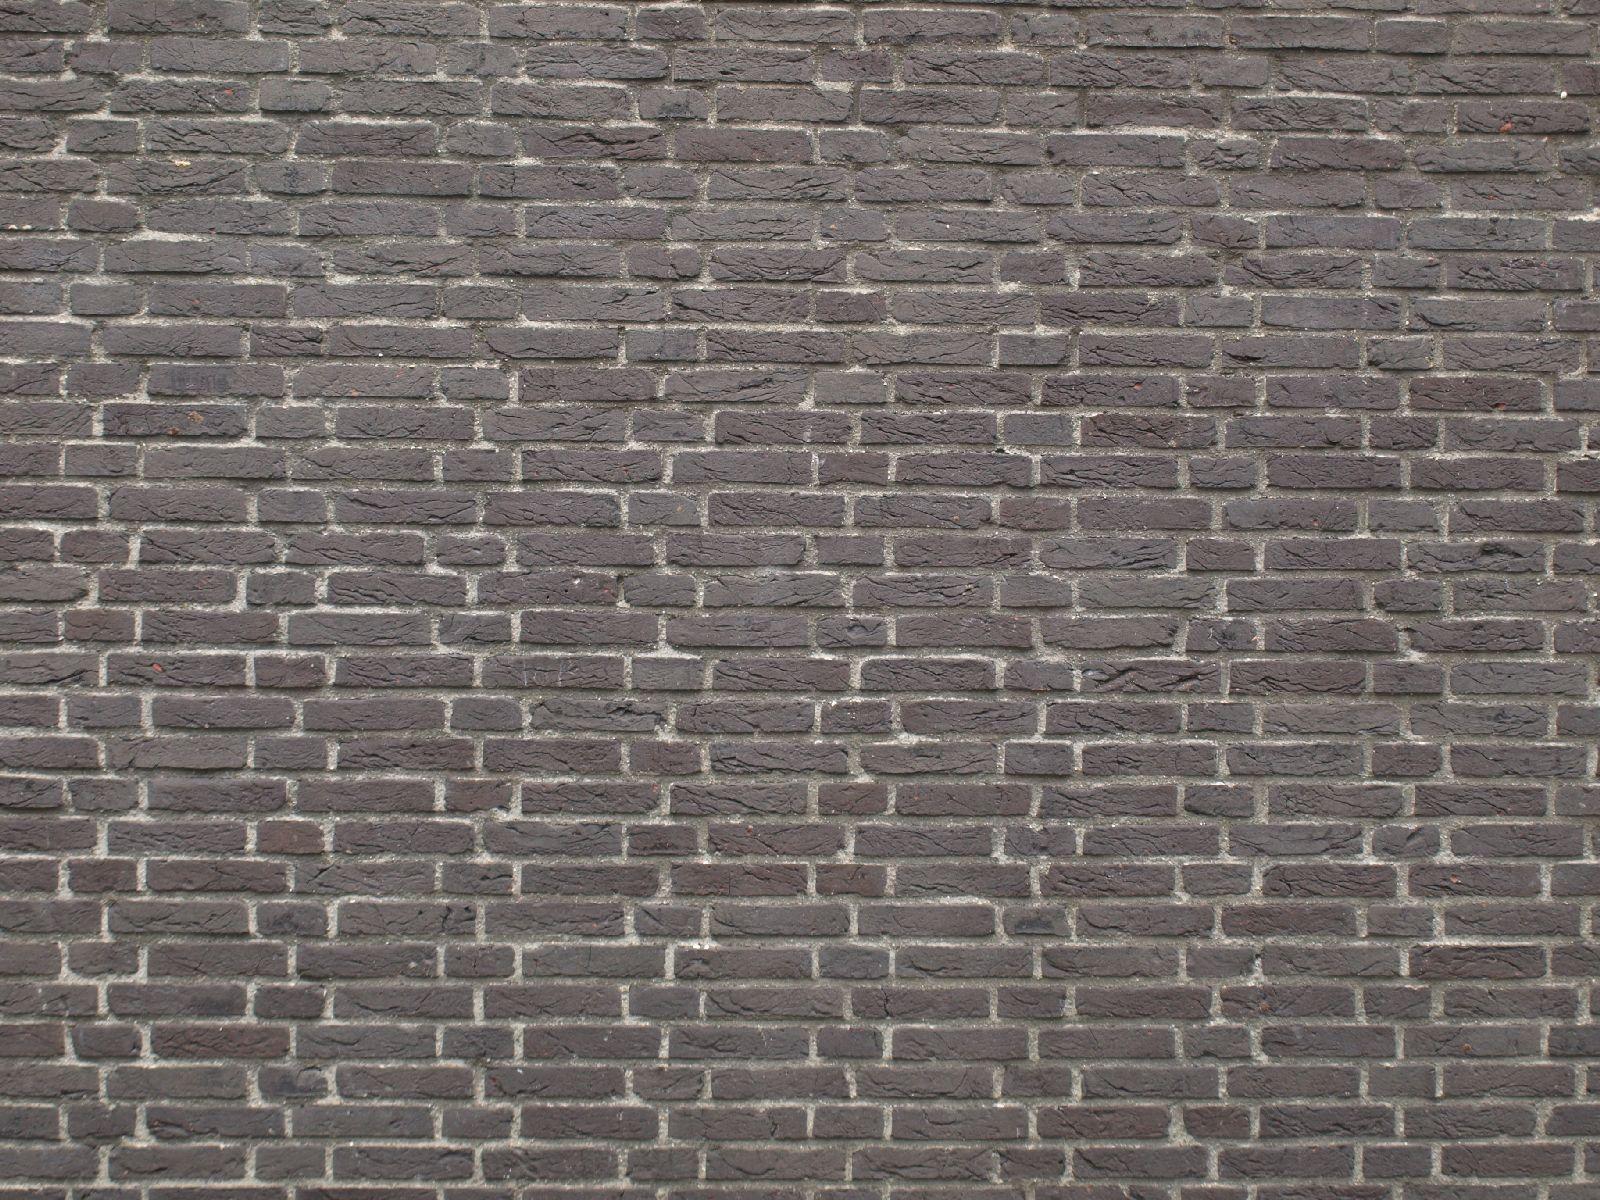 Brick_Texture_A_P4041472